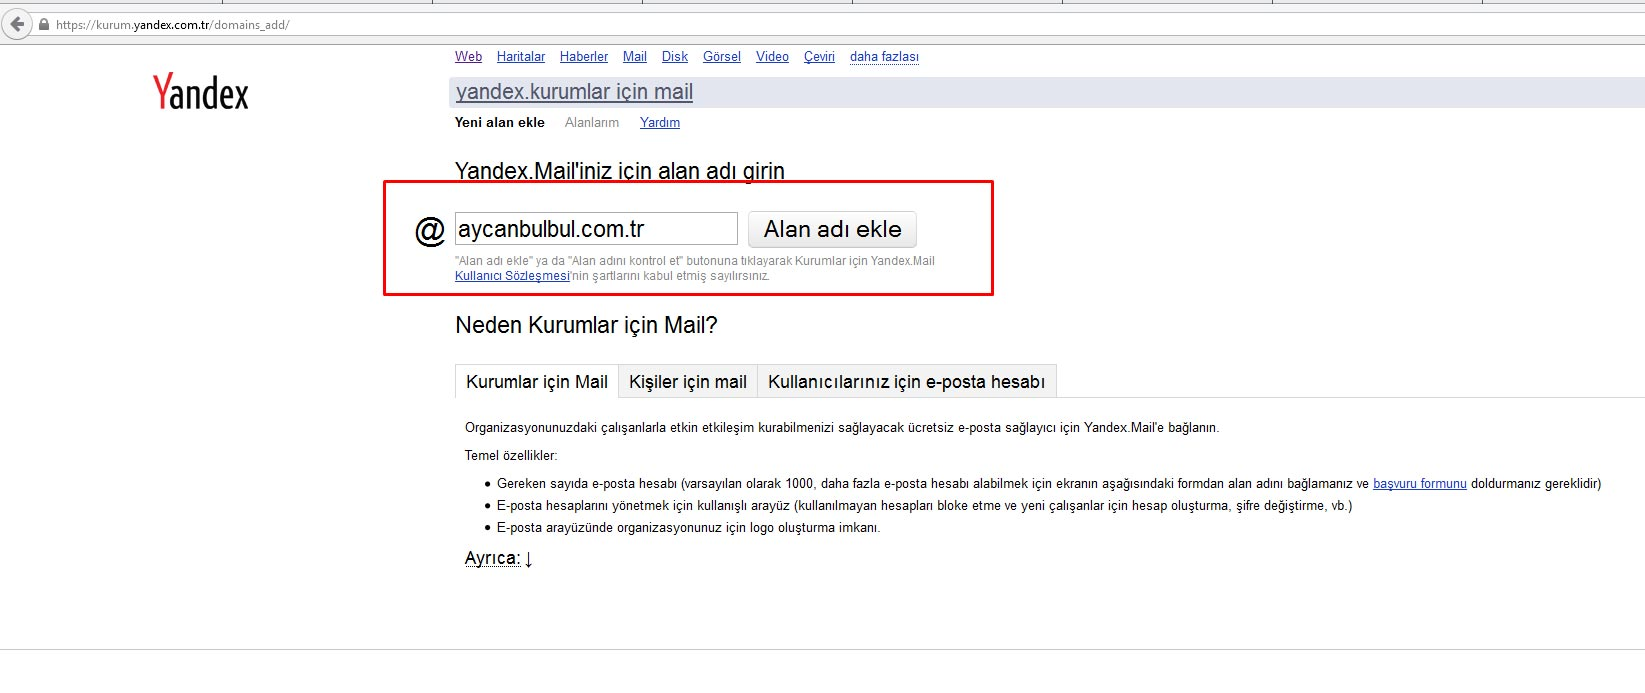 Yandex Kurum Maili oluşturma ve Gmail'e aktarma